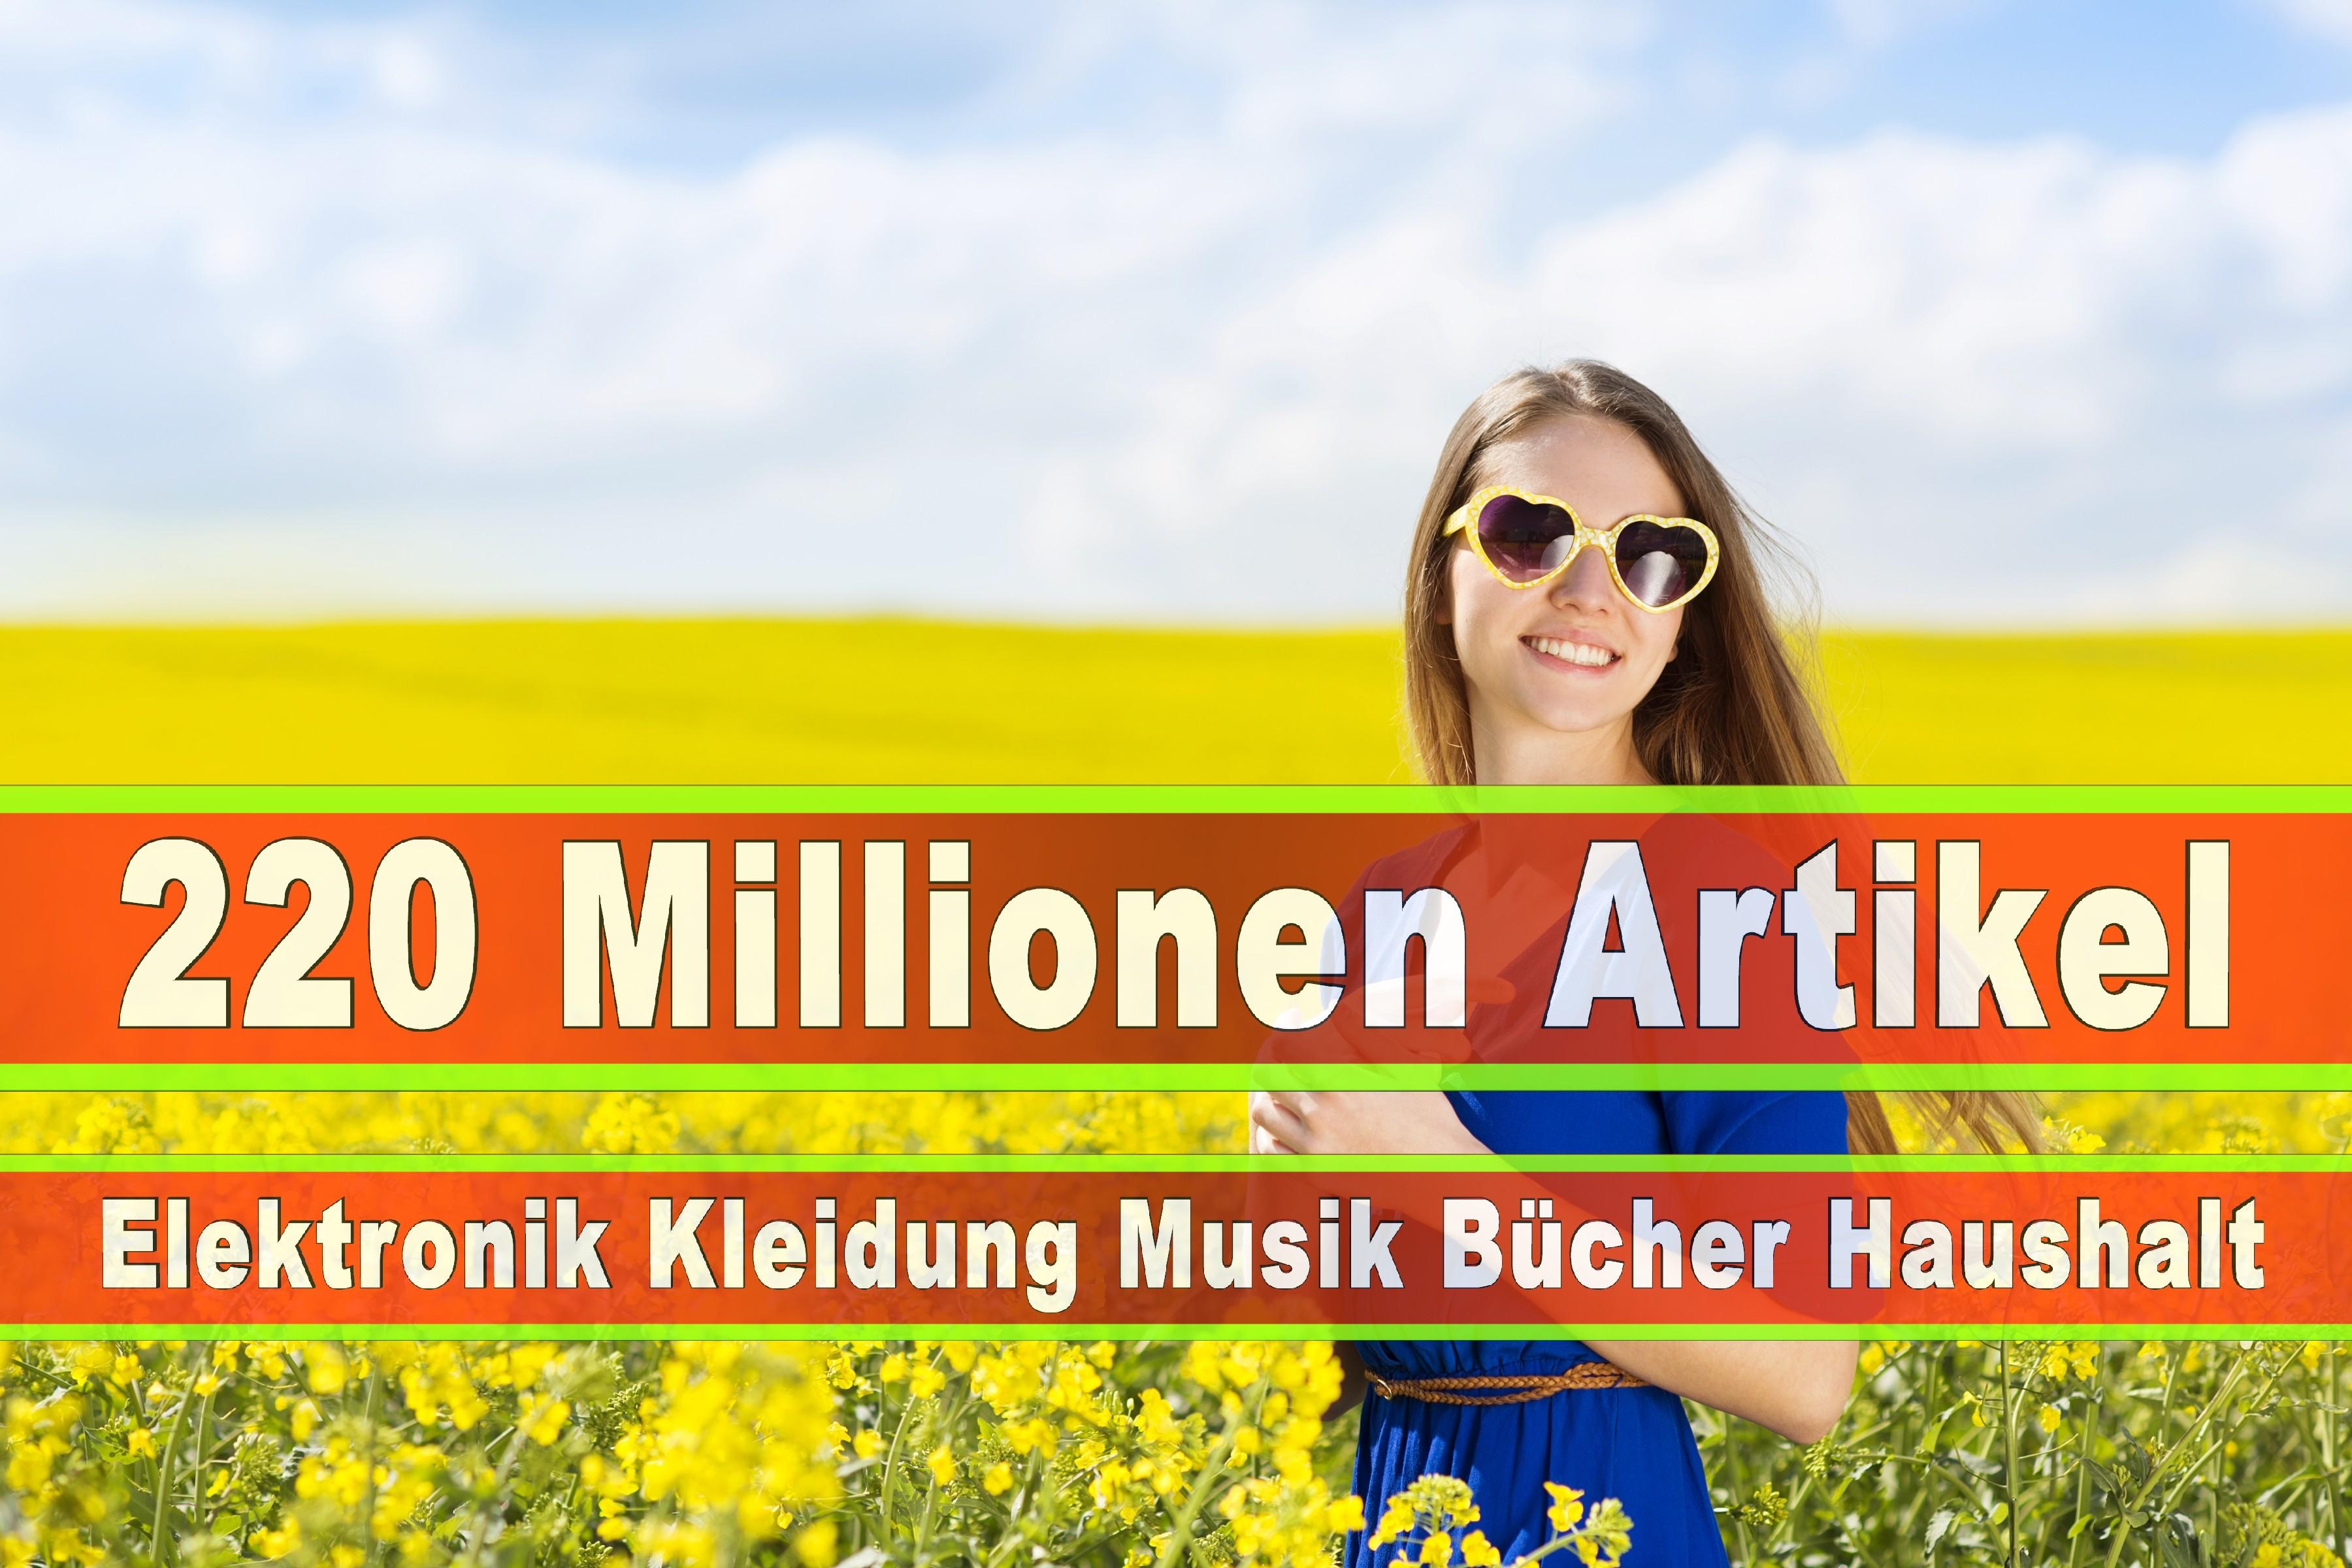 Amazon Elektronik Musik Haushalt Bücher CD DVD Handys Smartphones TV Television Fernseher Kleidung Mode Ebay Versandhaus (99)